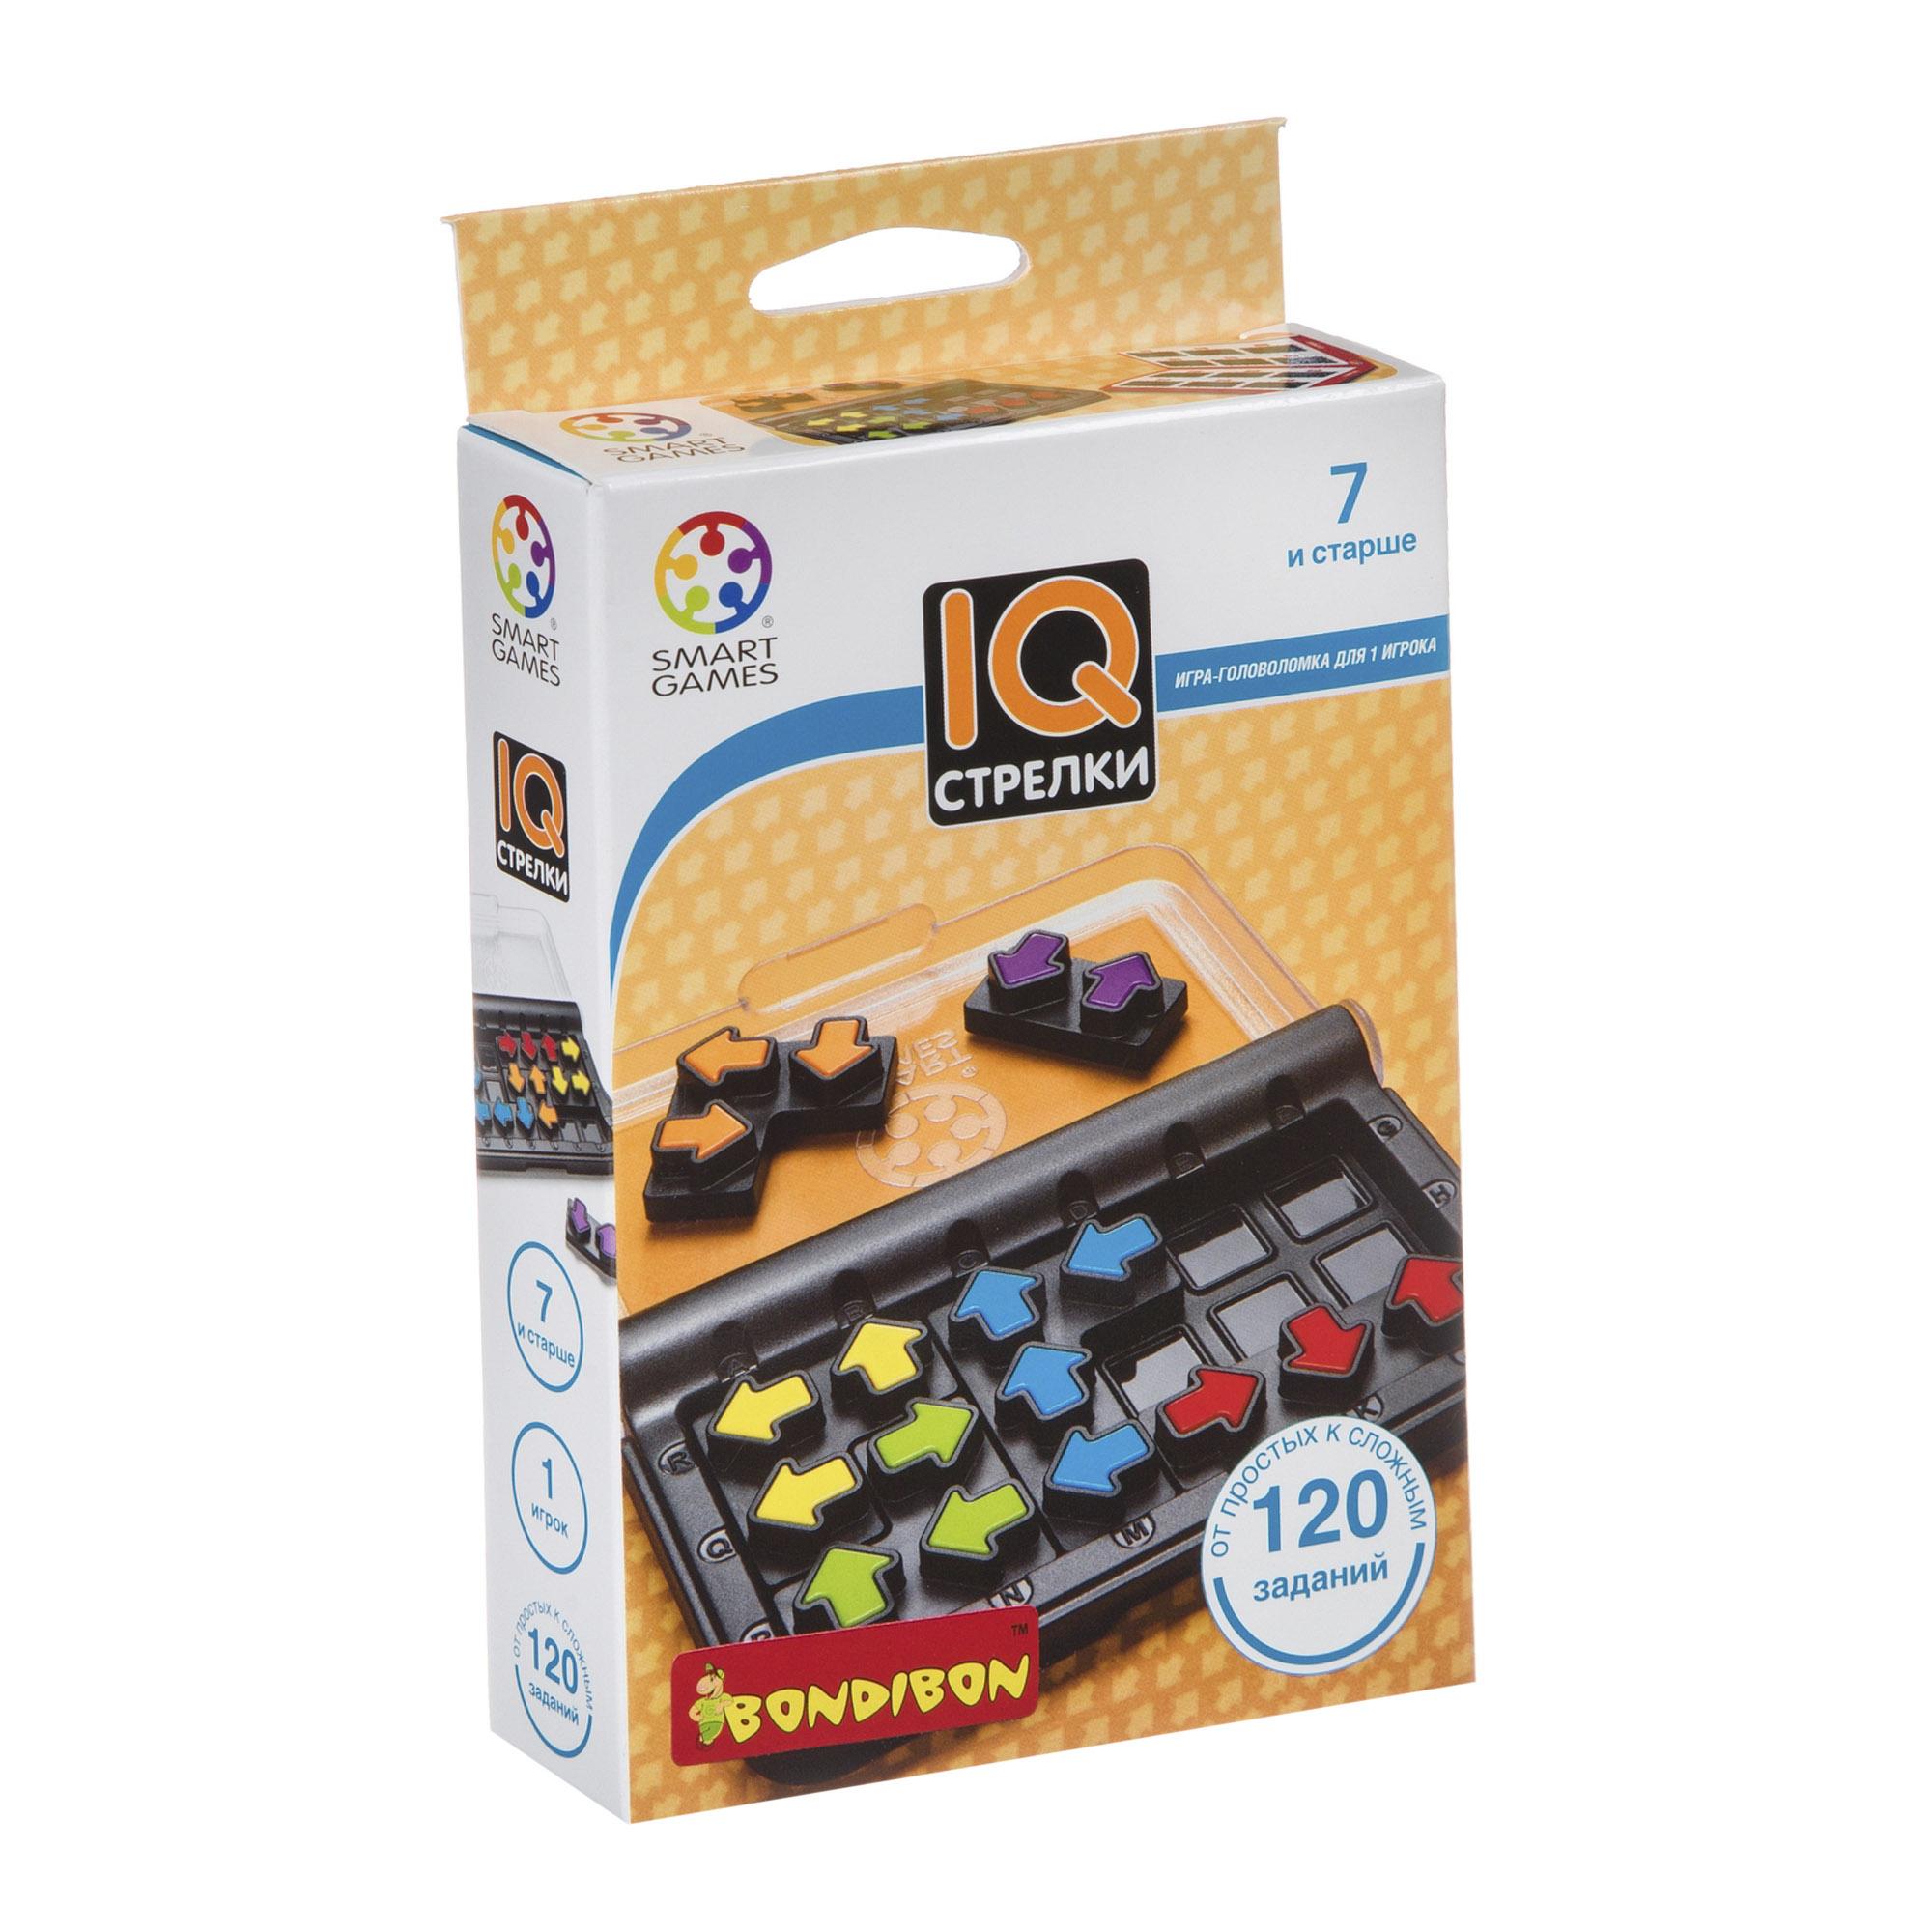 Логическая игра Bondibon Smartgames IQ-Стрелки недорого